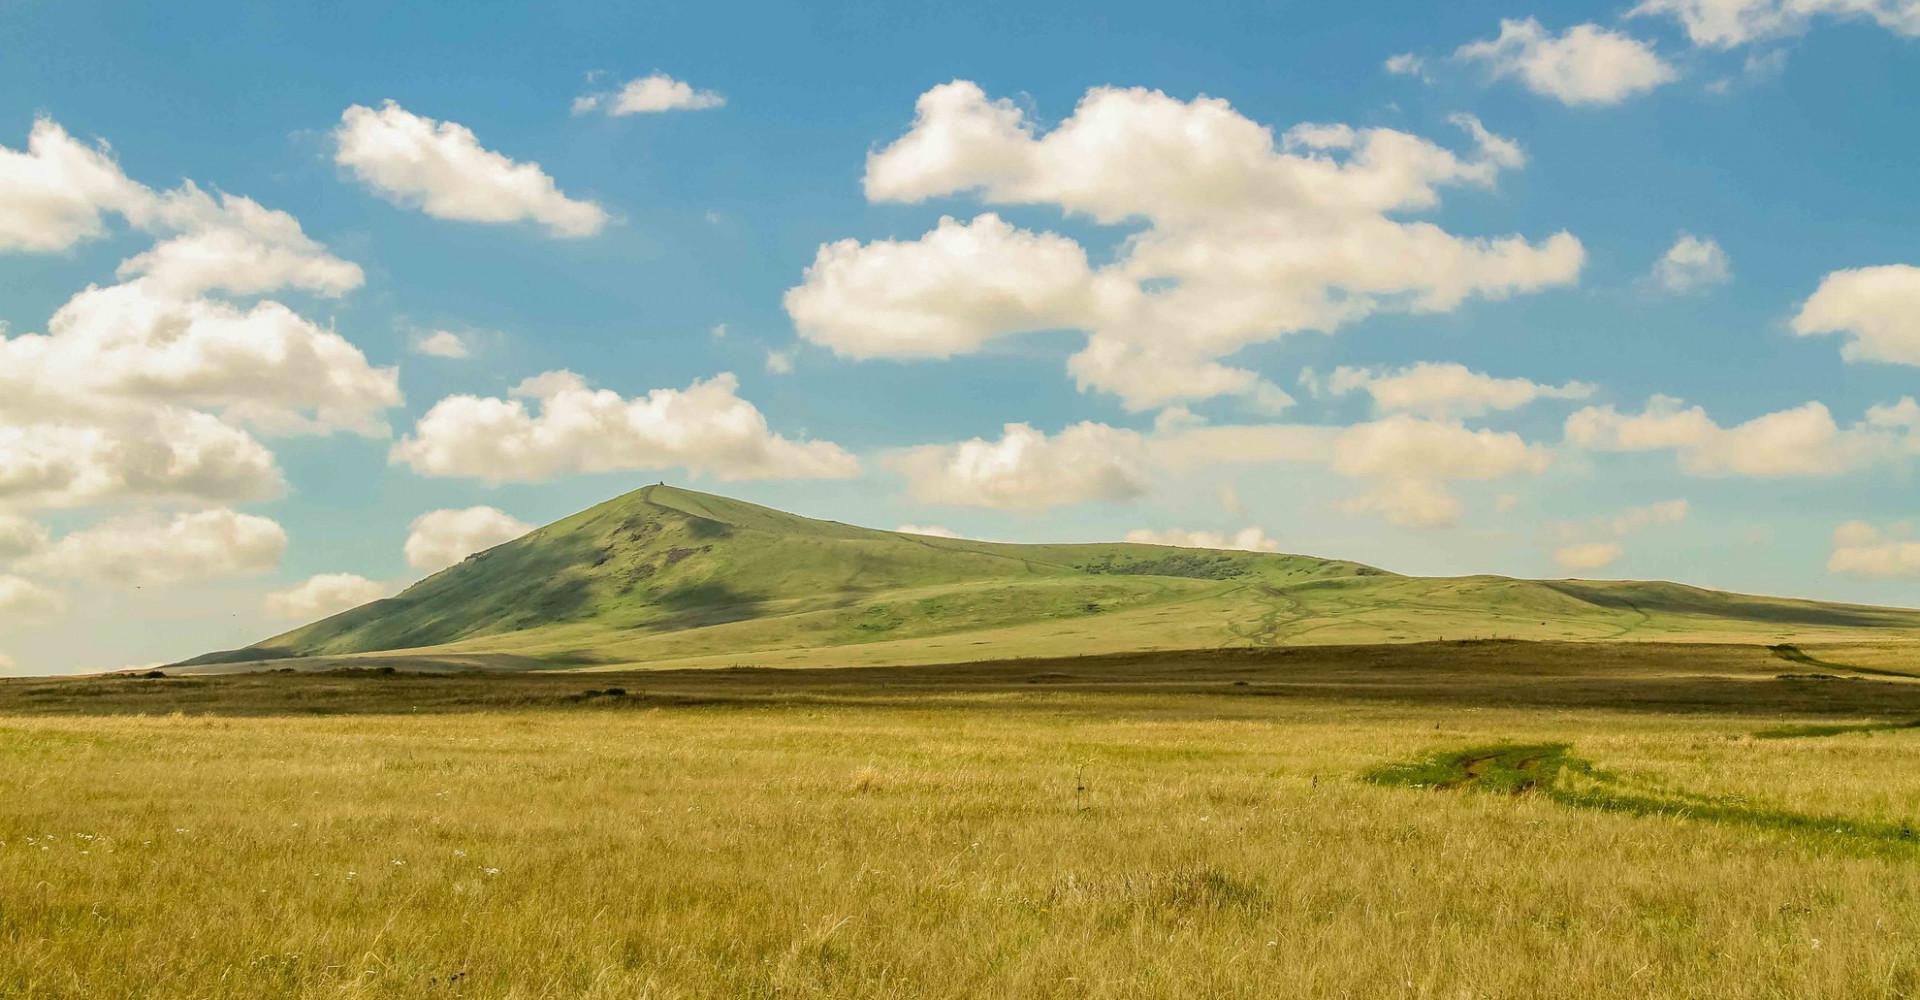 Shiliin Bogd Mountain